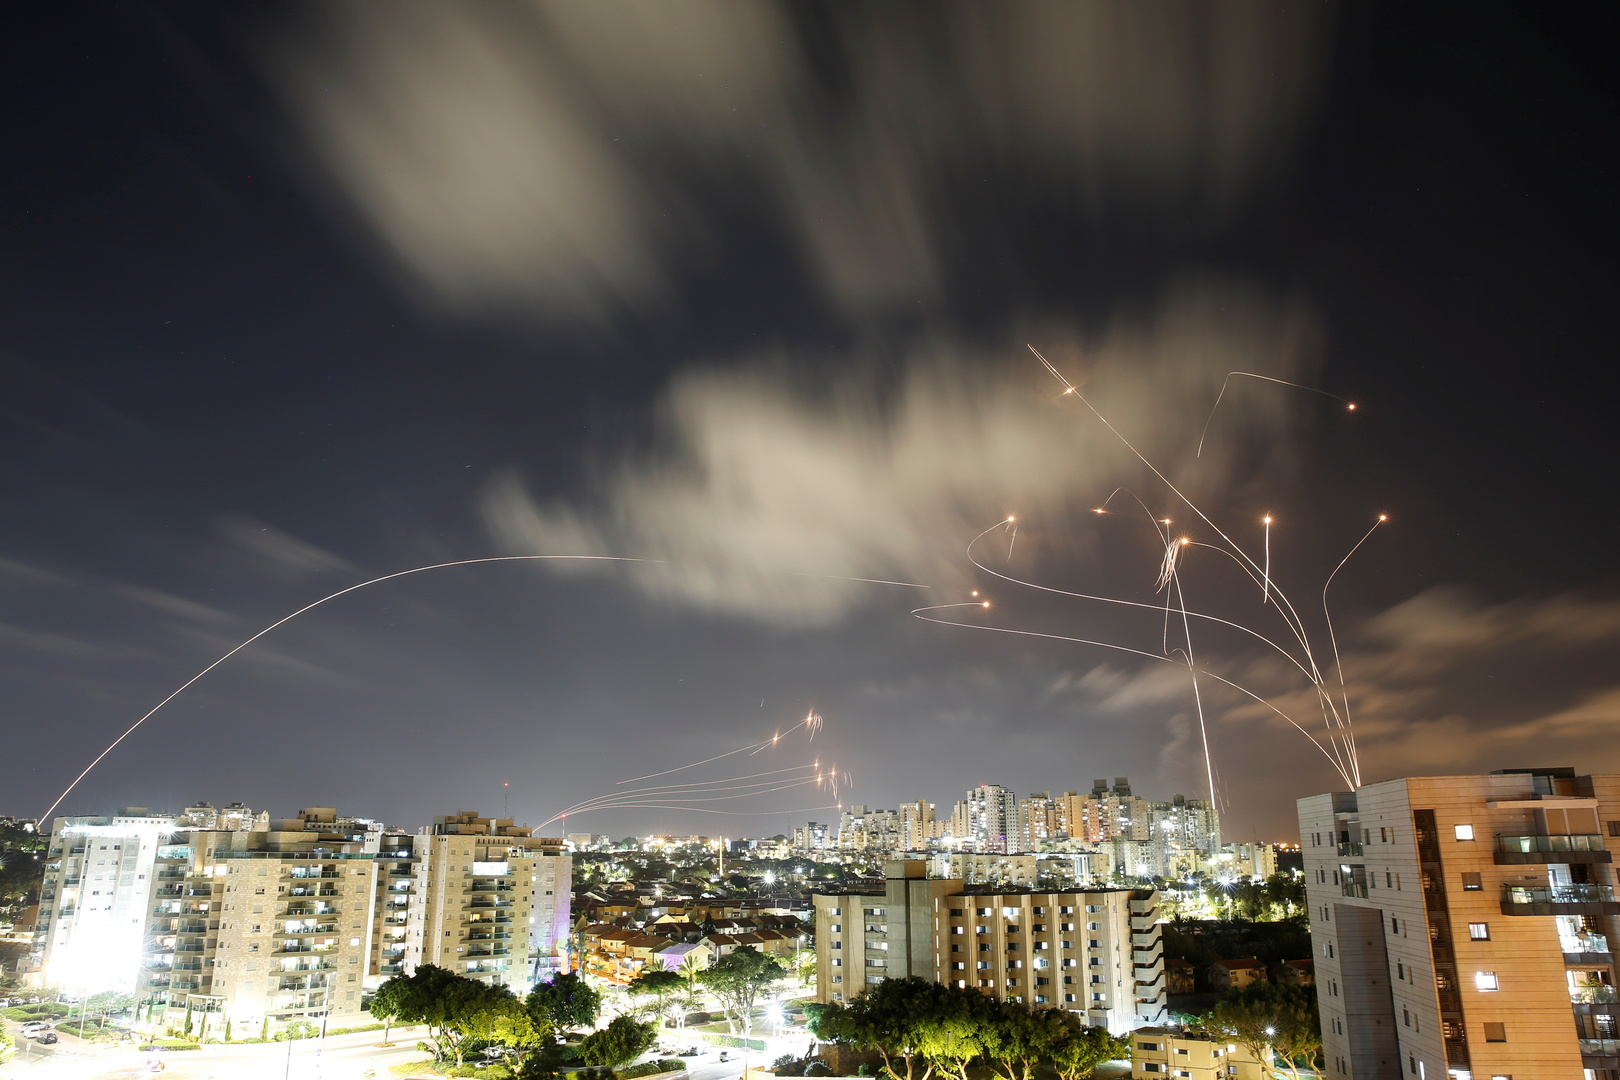 الجيش الإسرائيلي: إطلاق 1500 صاروخ من غزة منذ بدء التصعيد